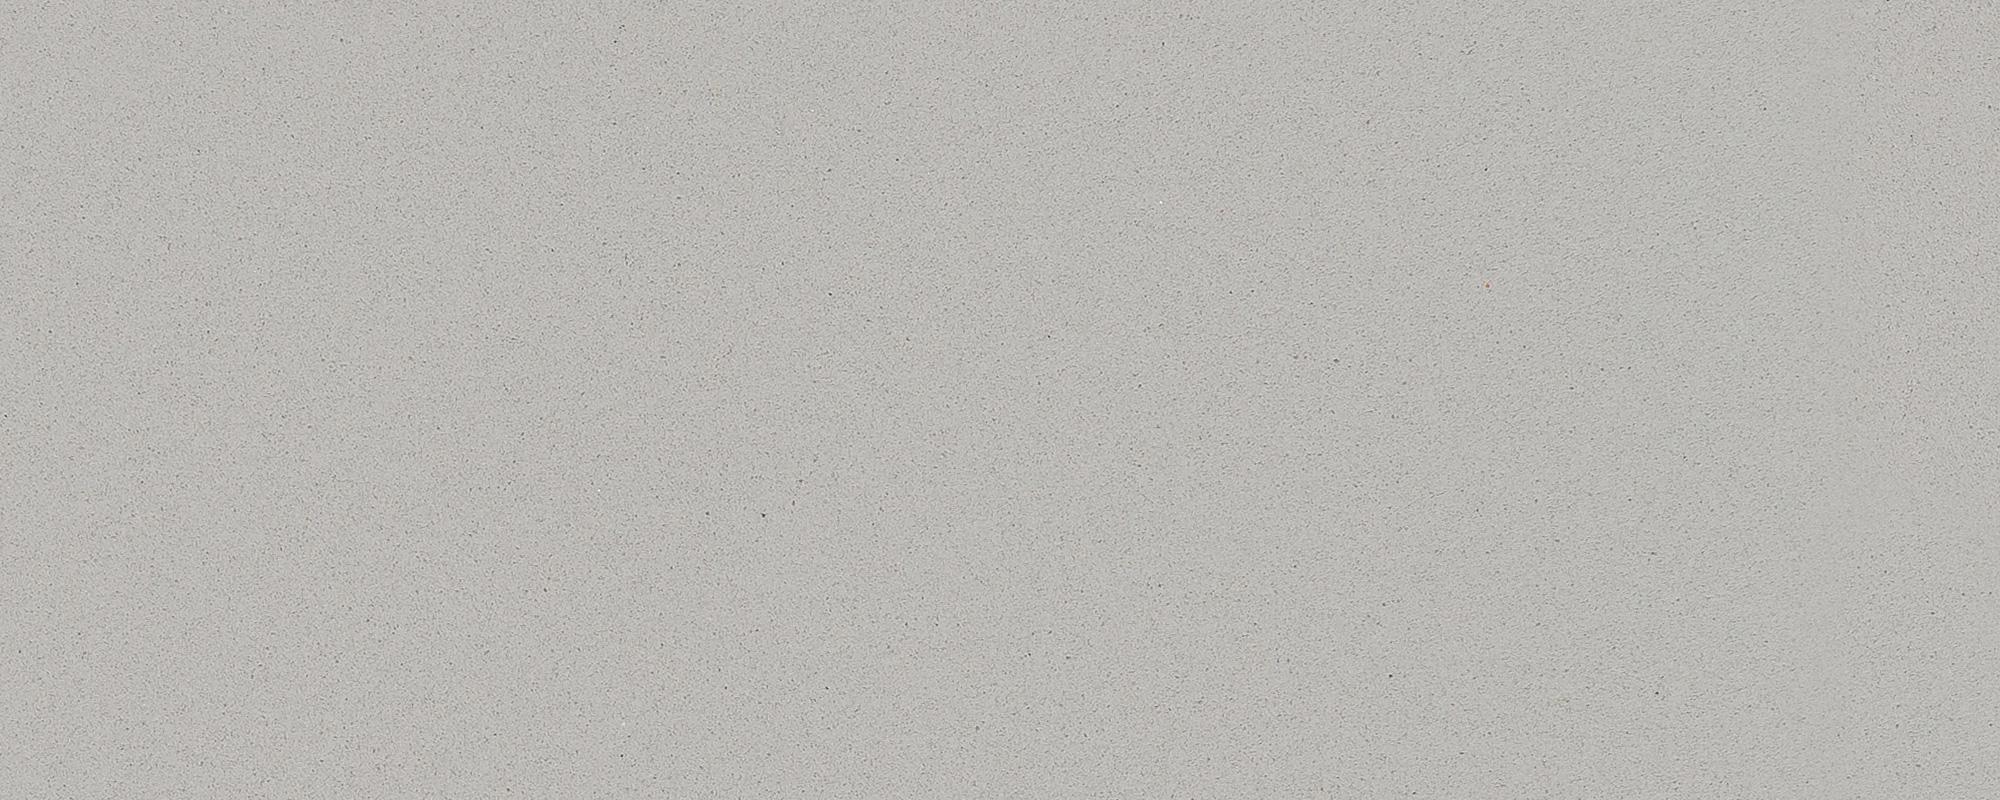 Cuarzo de color ceniza colecci n genesis compac for Color plomo